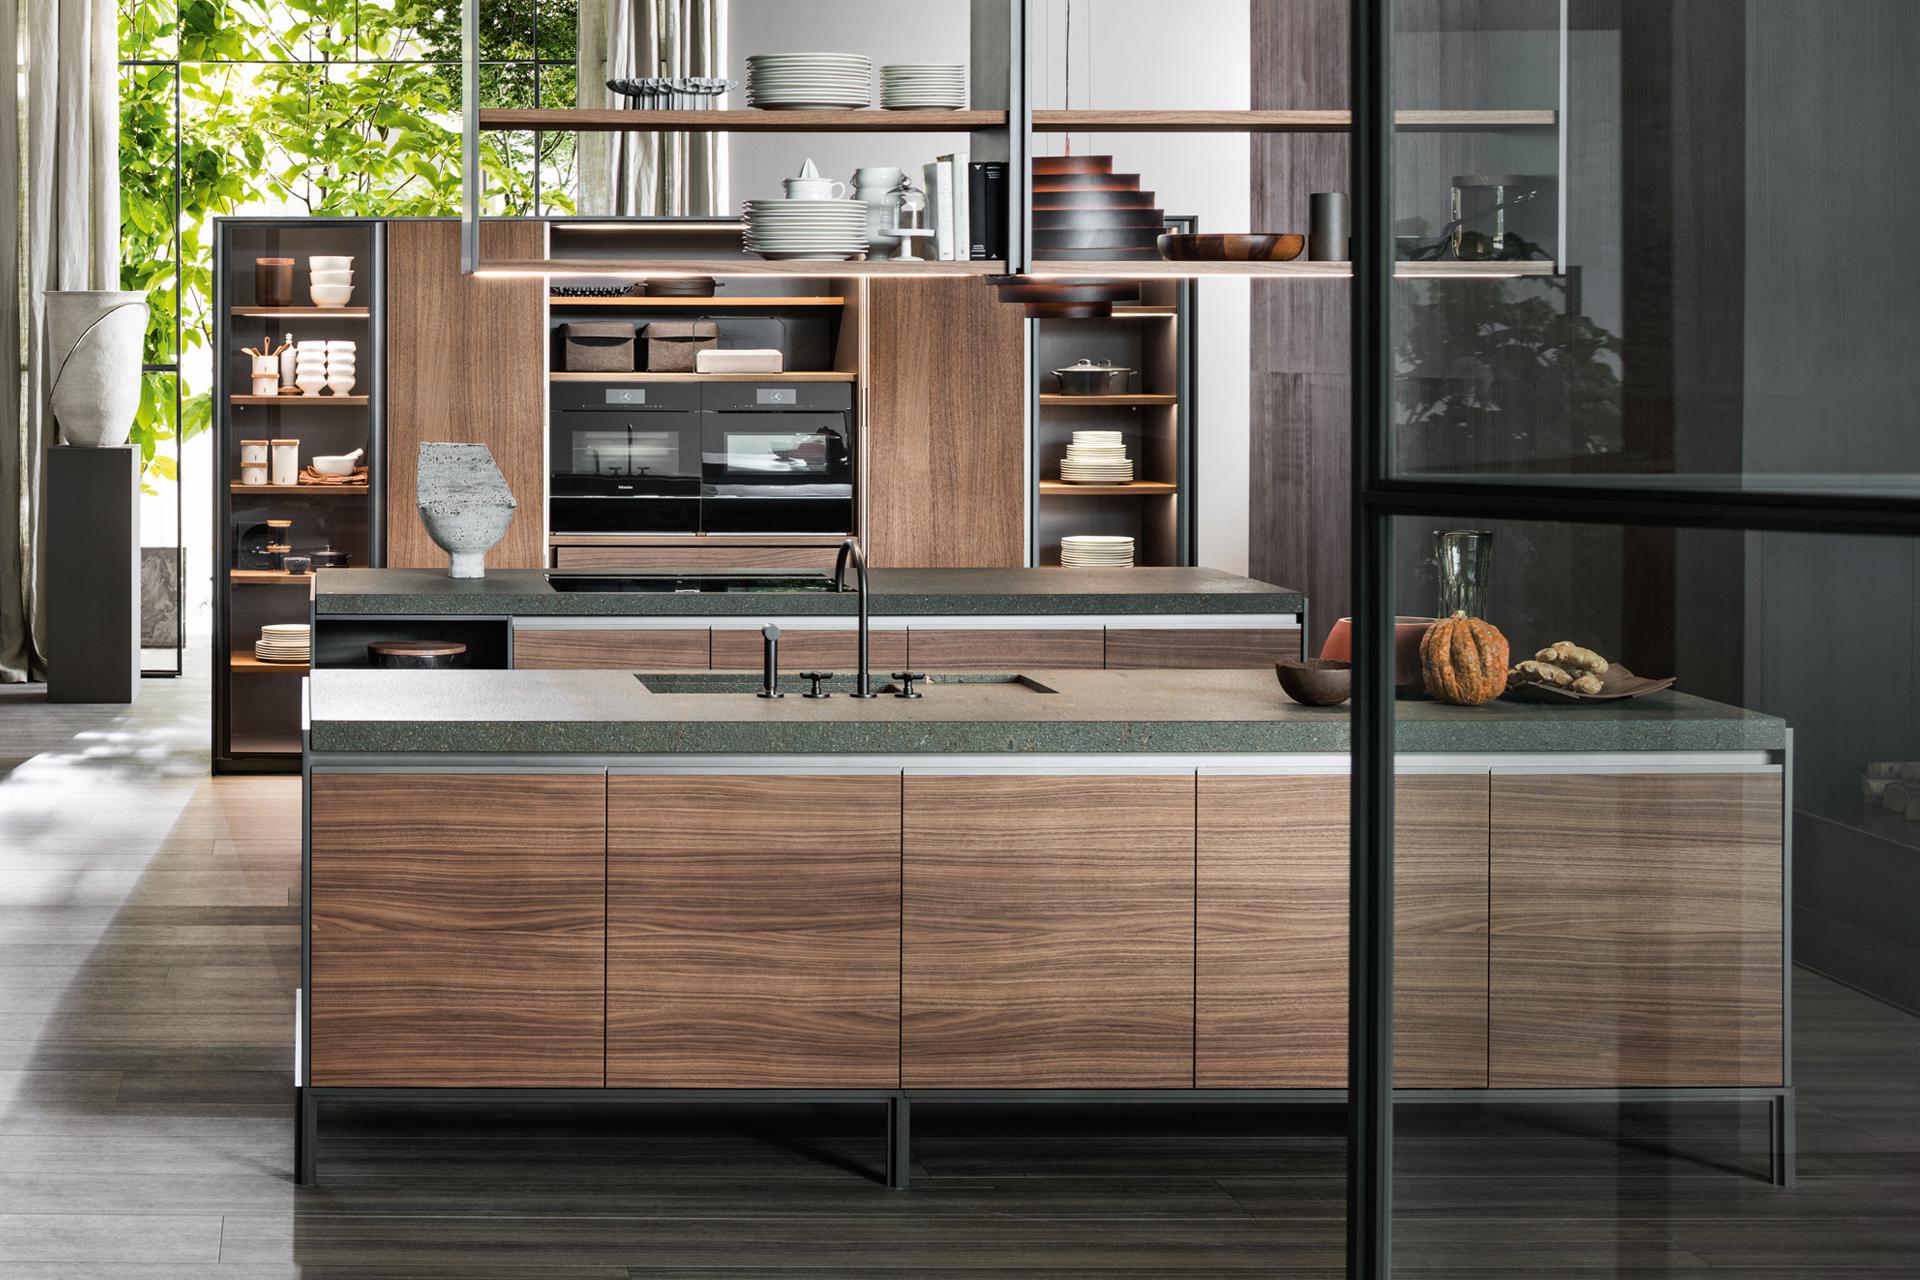 Una cucina senza maniglie - Bruno interni